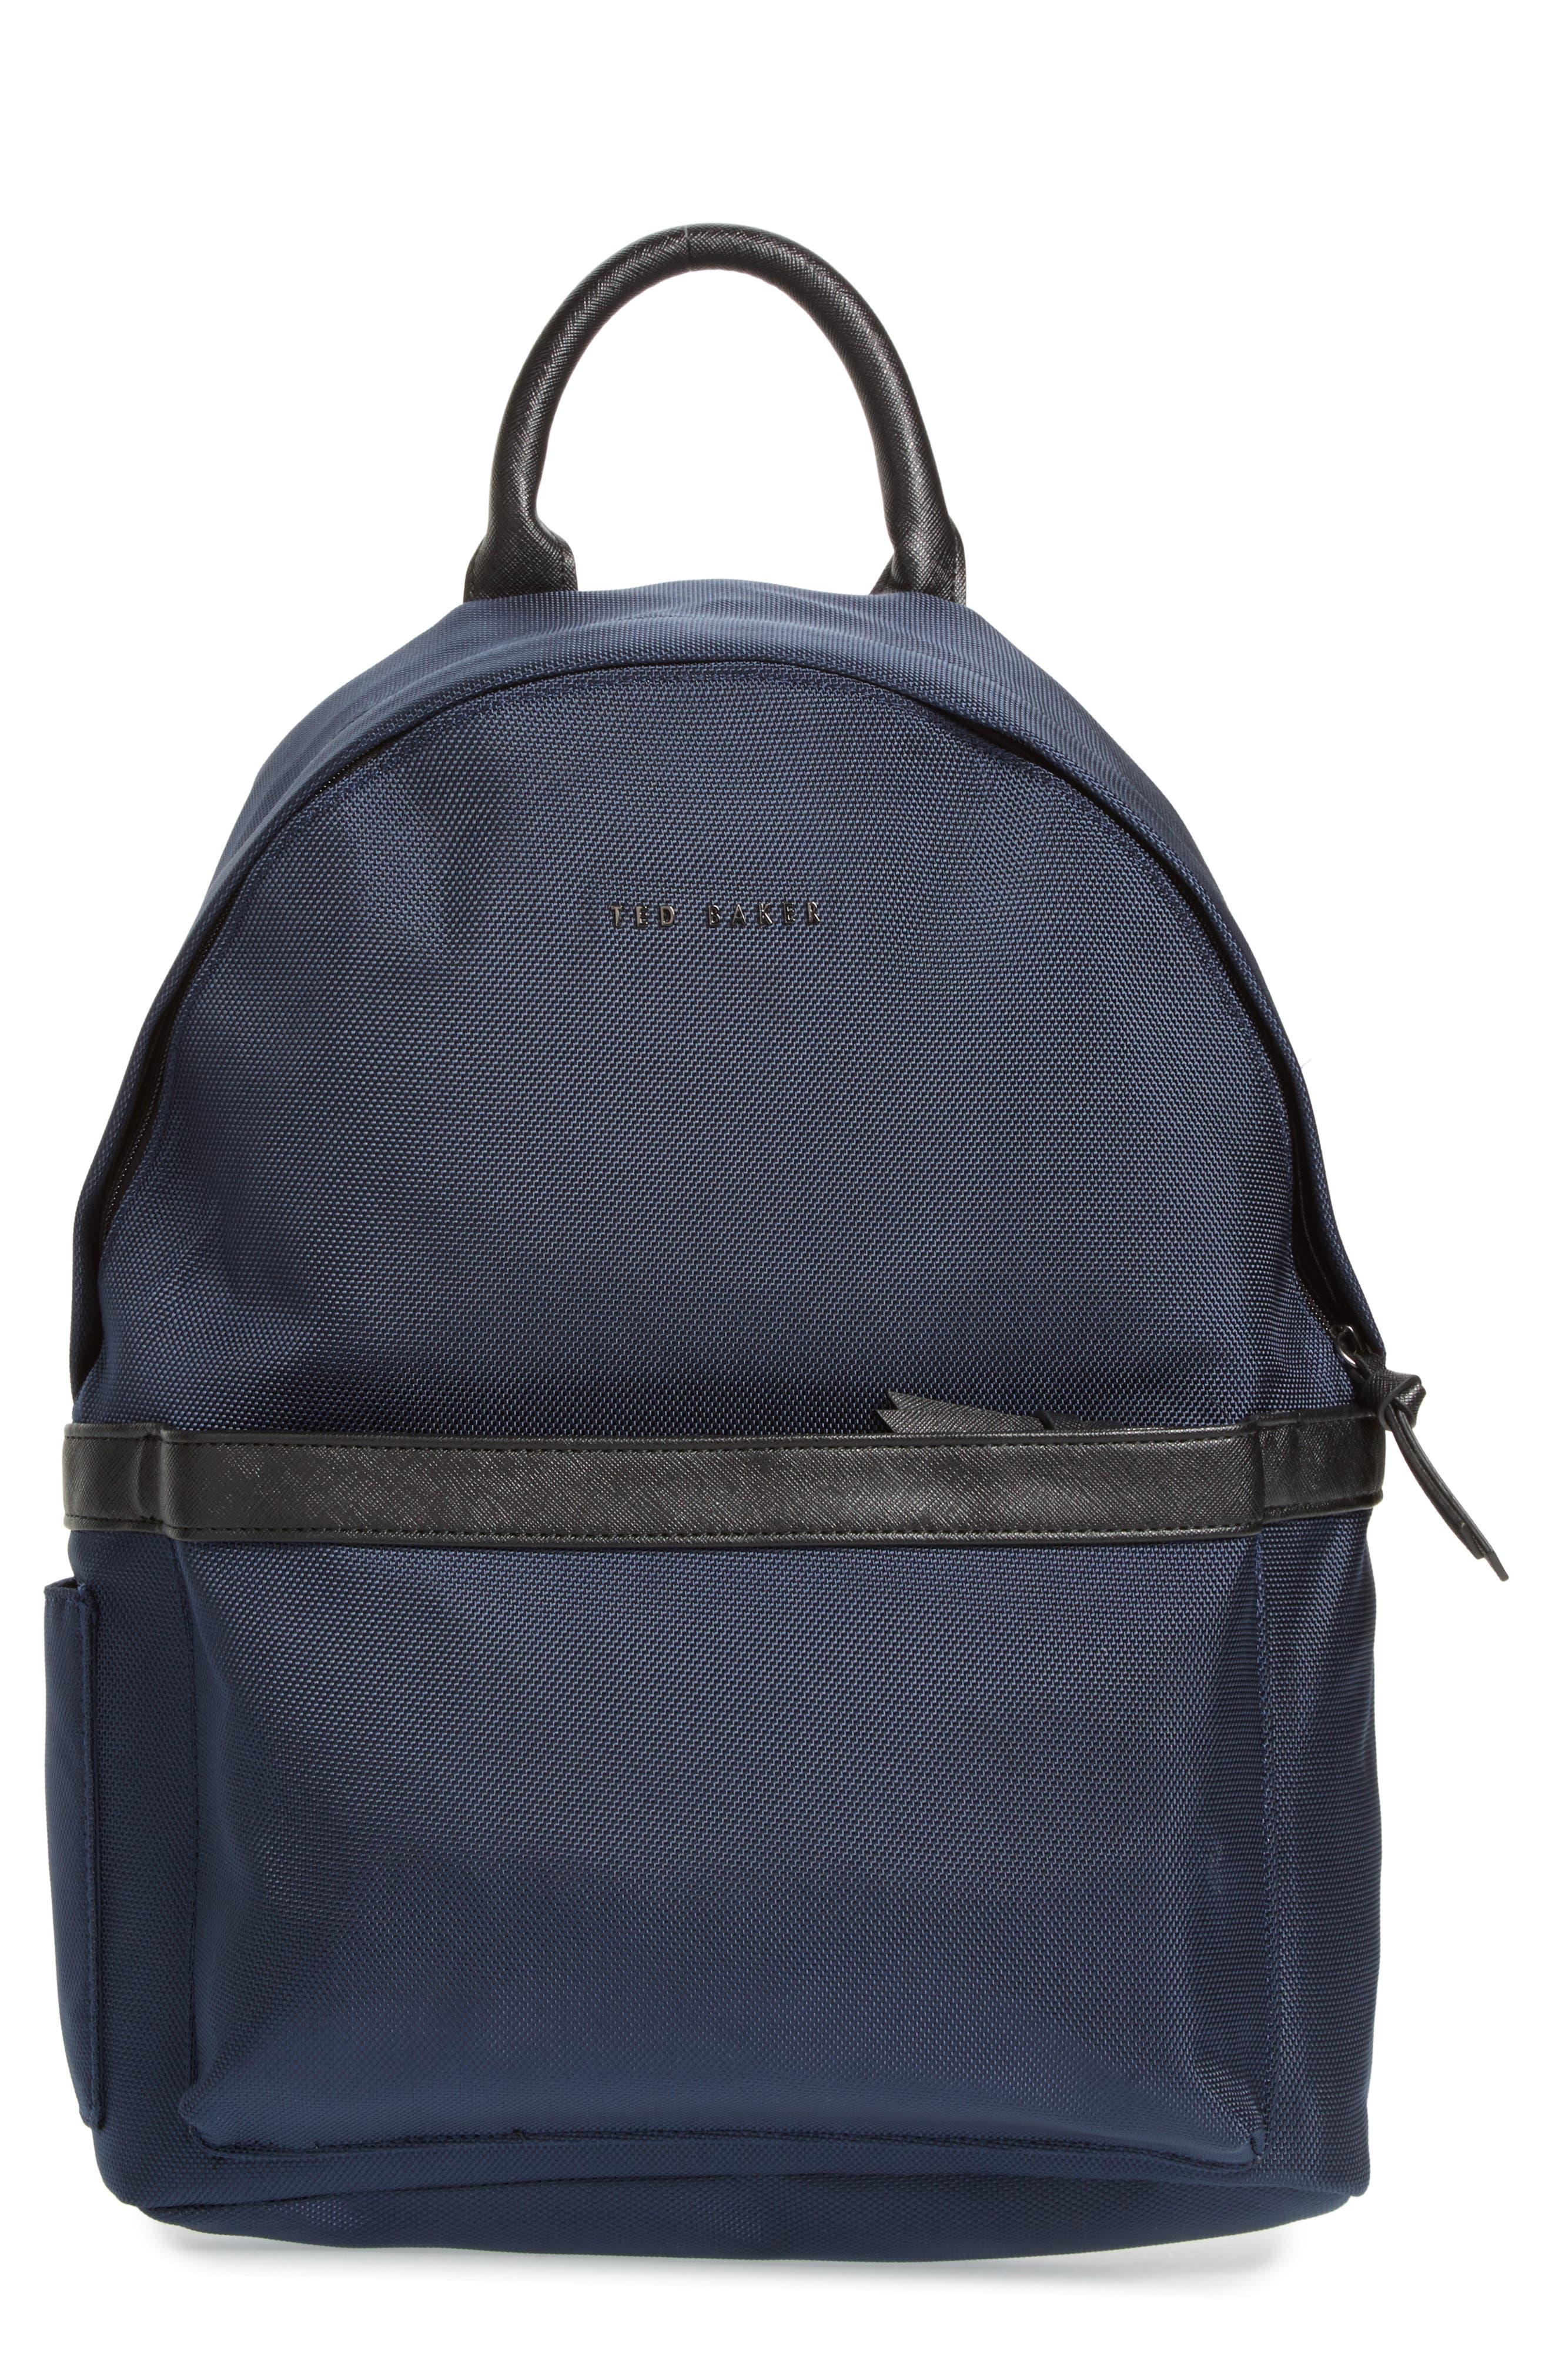 Radio Backpack,                             Main thumbnail 1, color,                             Navy